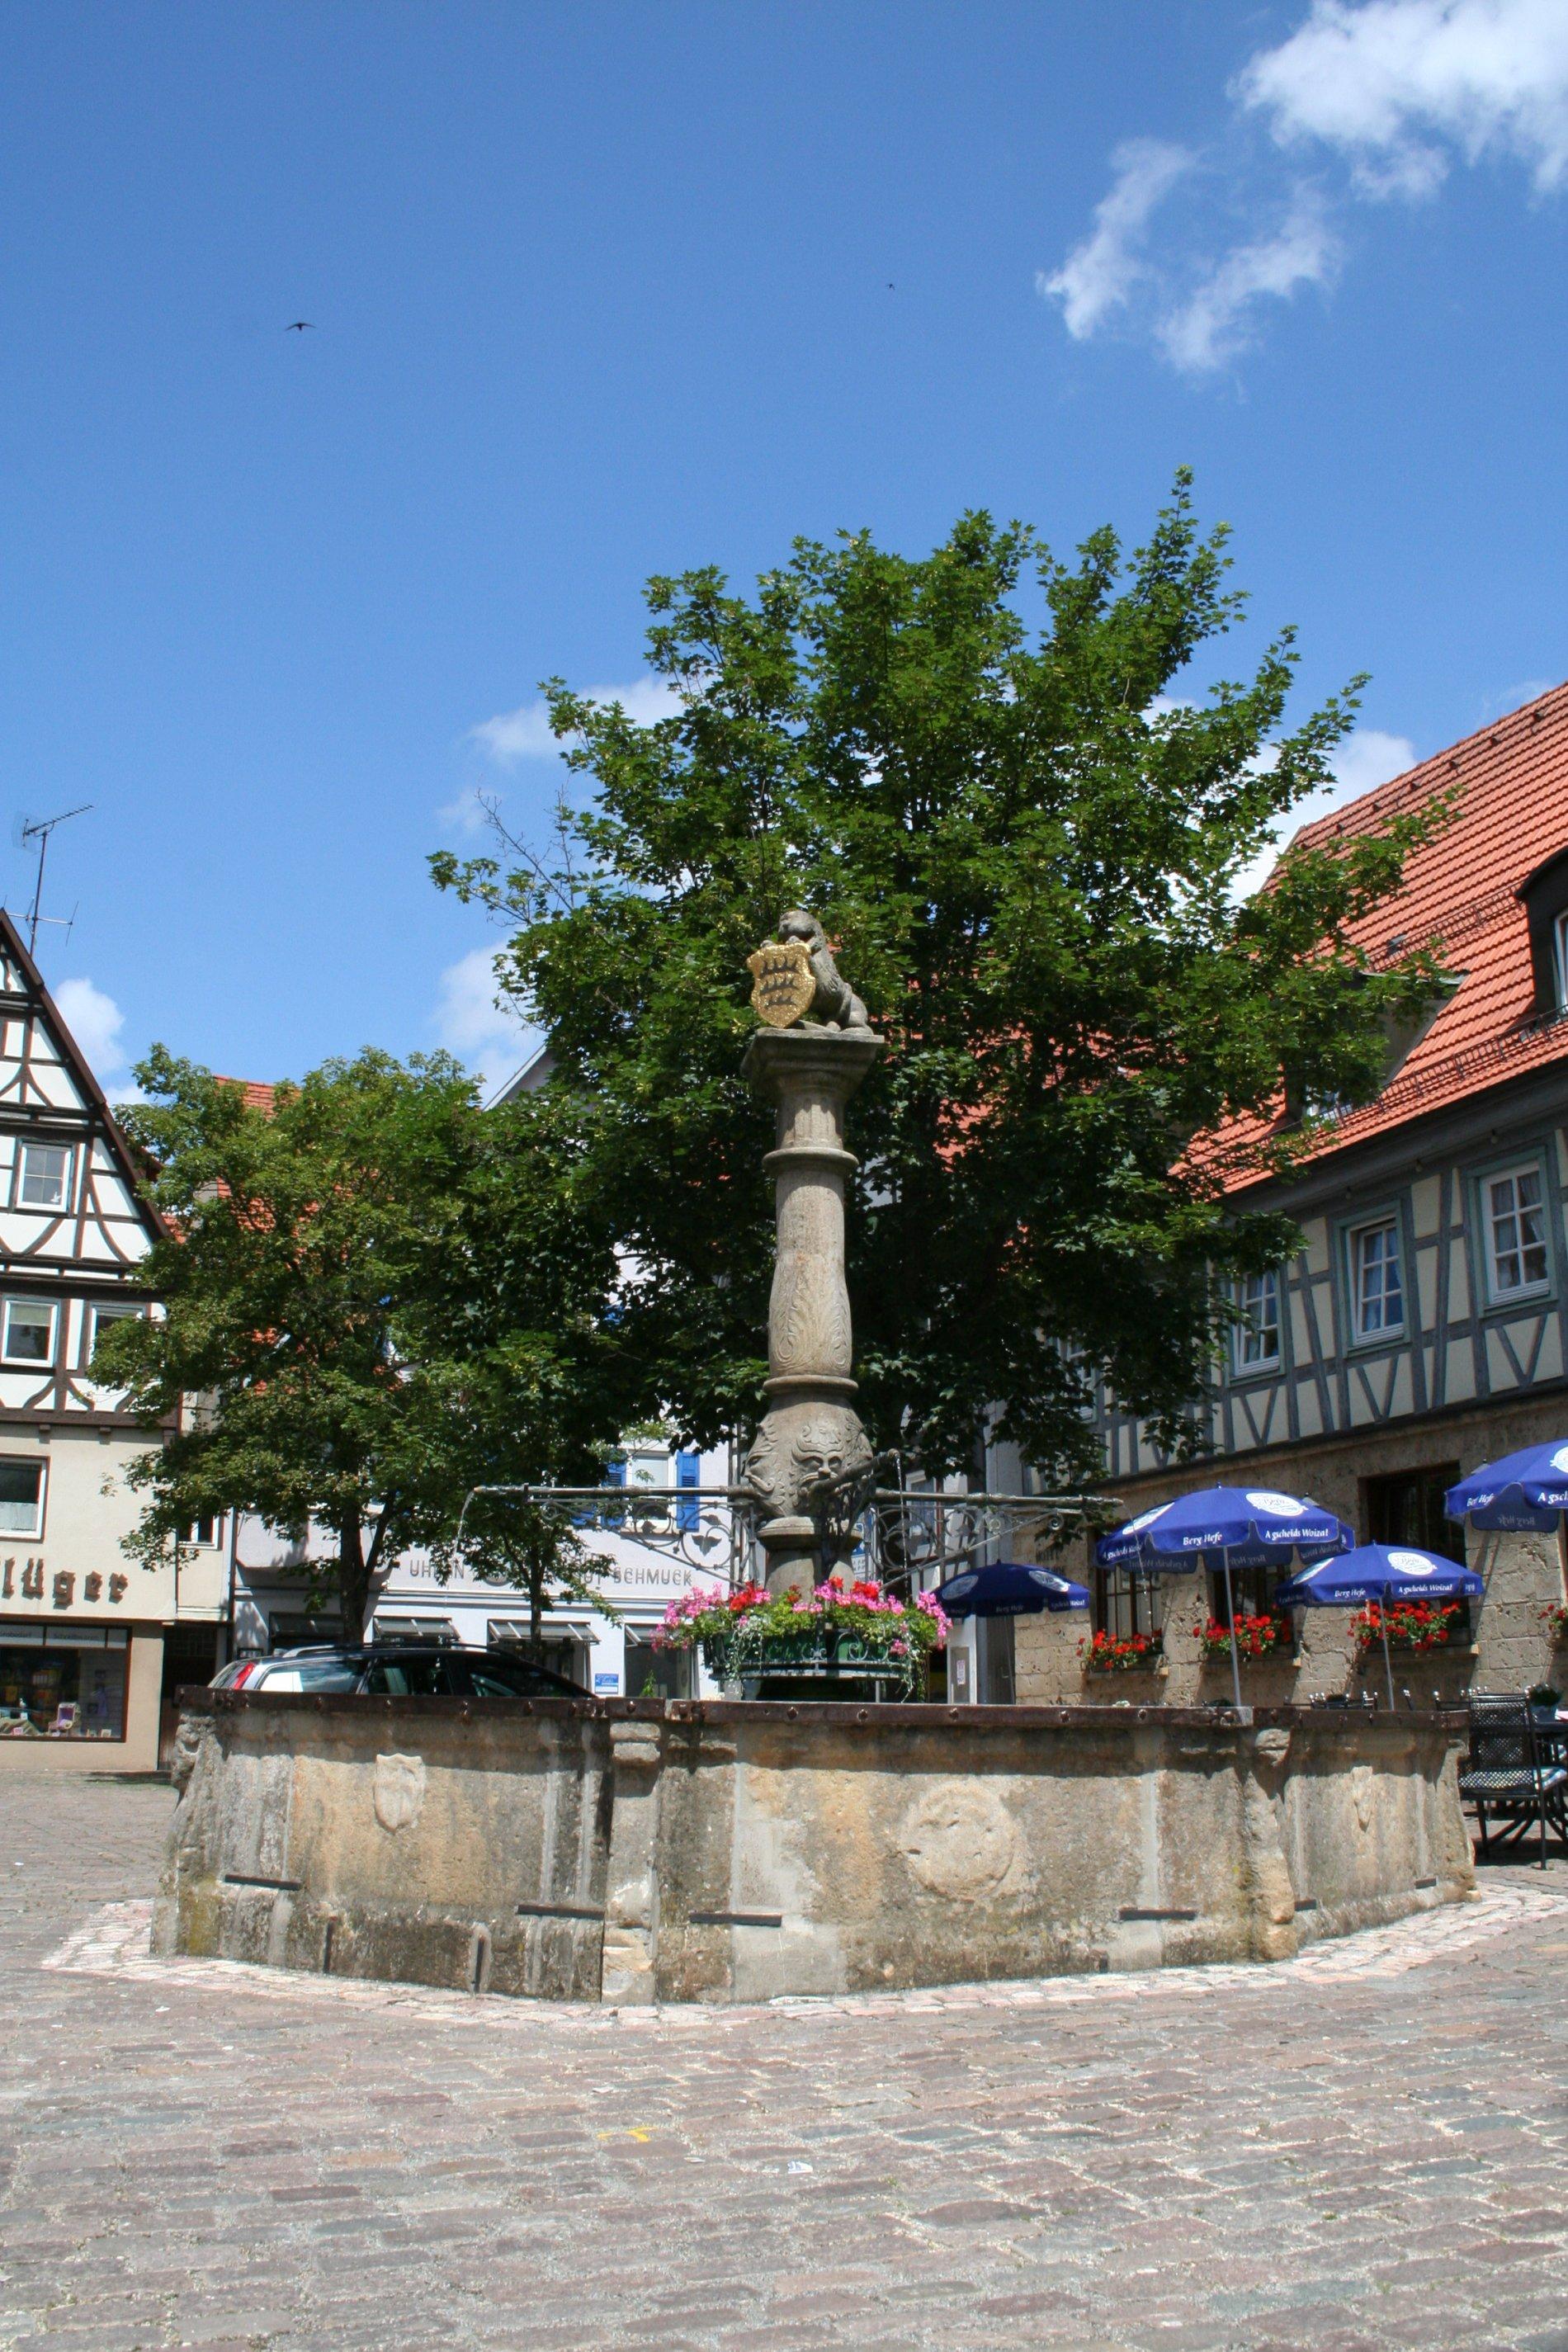 Auf dem Marktbrunnen in der Mitte an der Säule sind Blumen angebracht. Hinter dem Brunnen stehen Bäume und Häuser